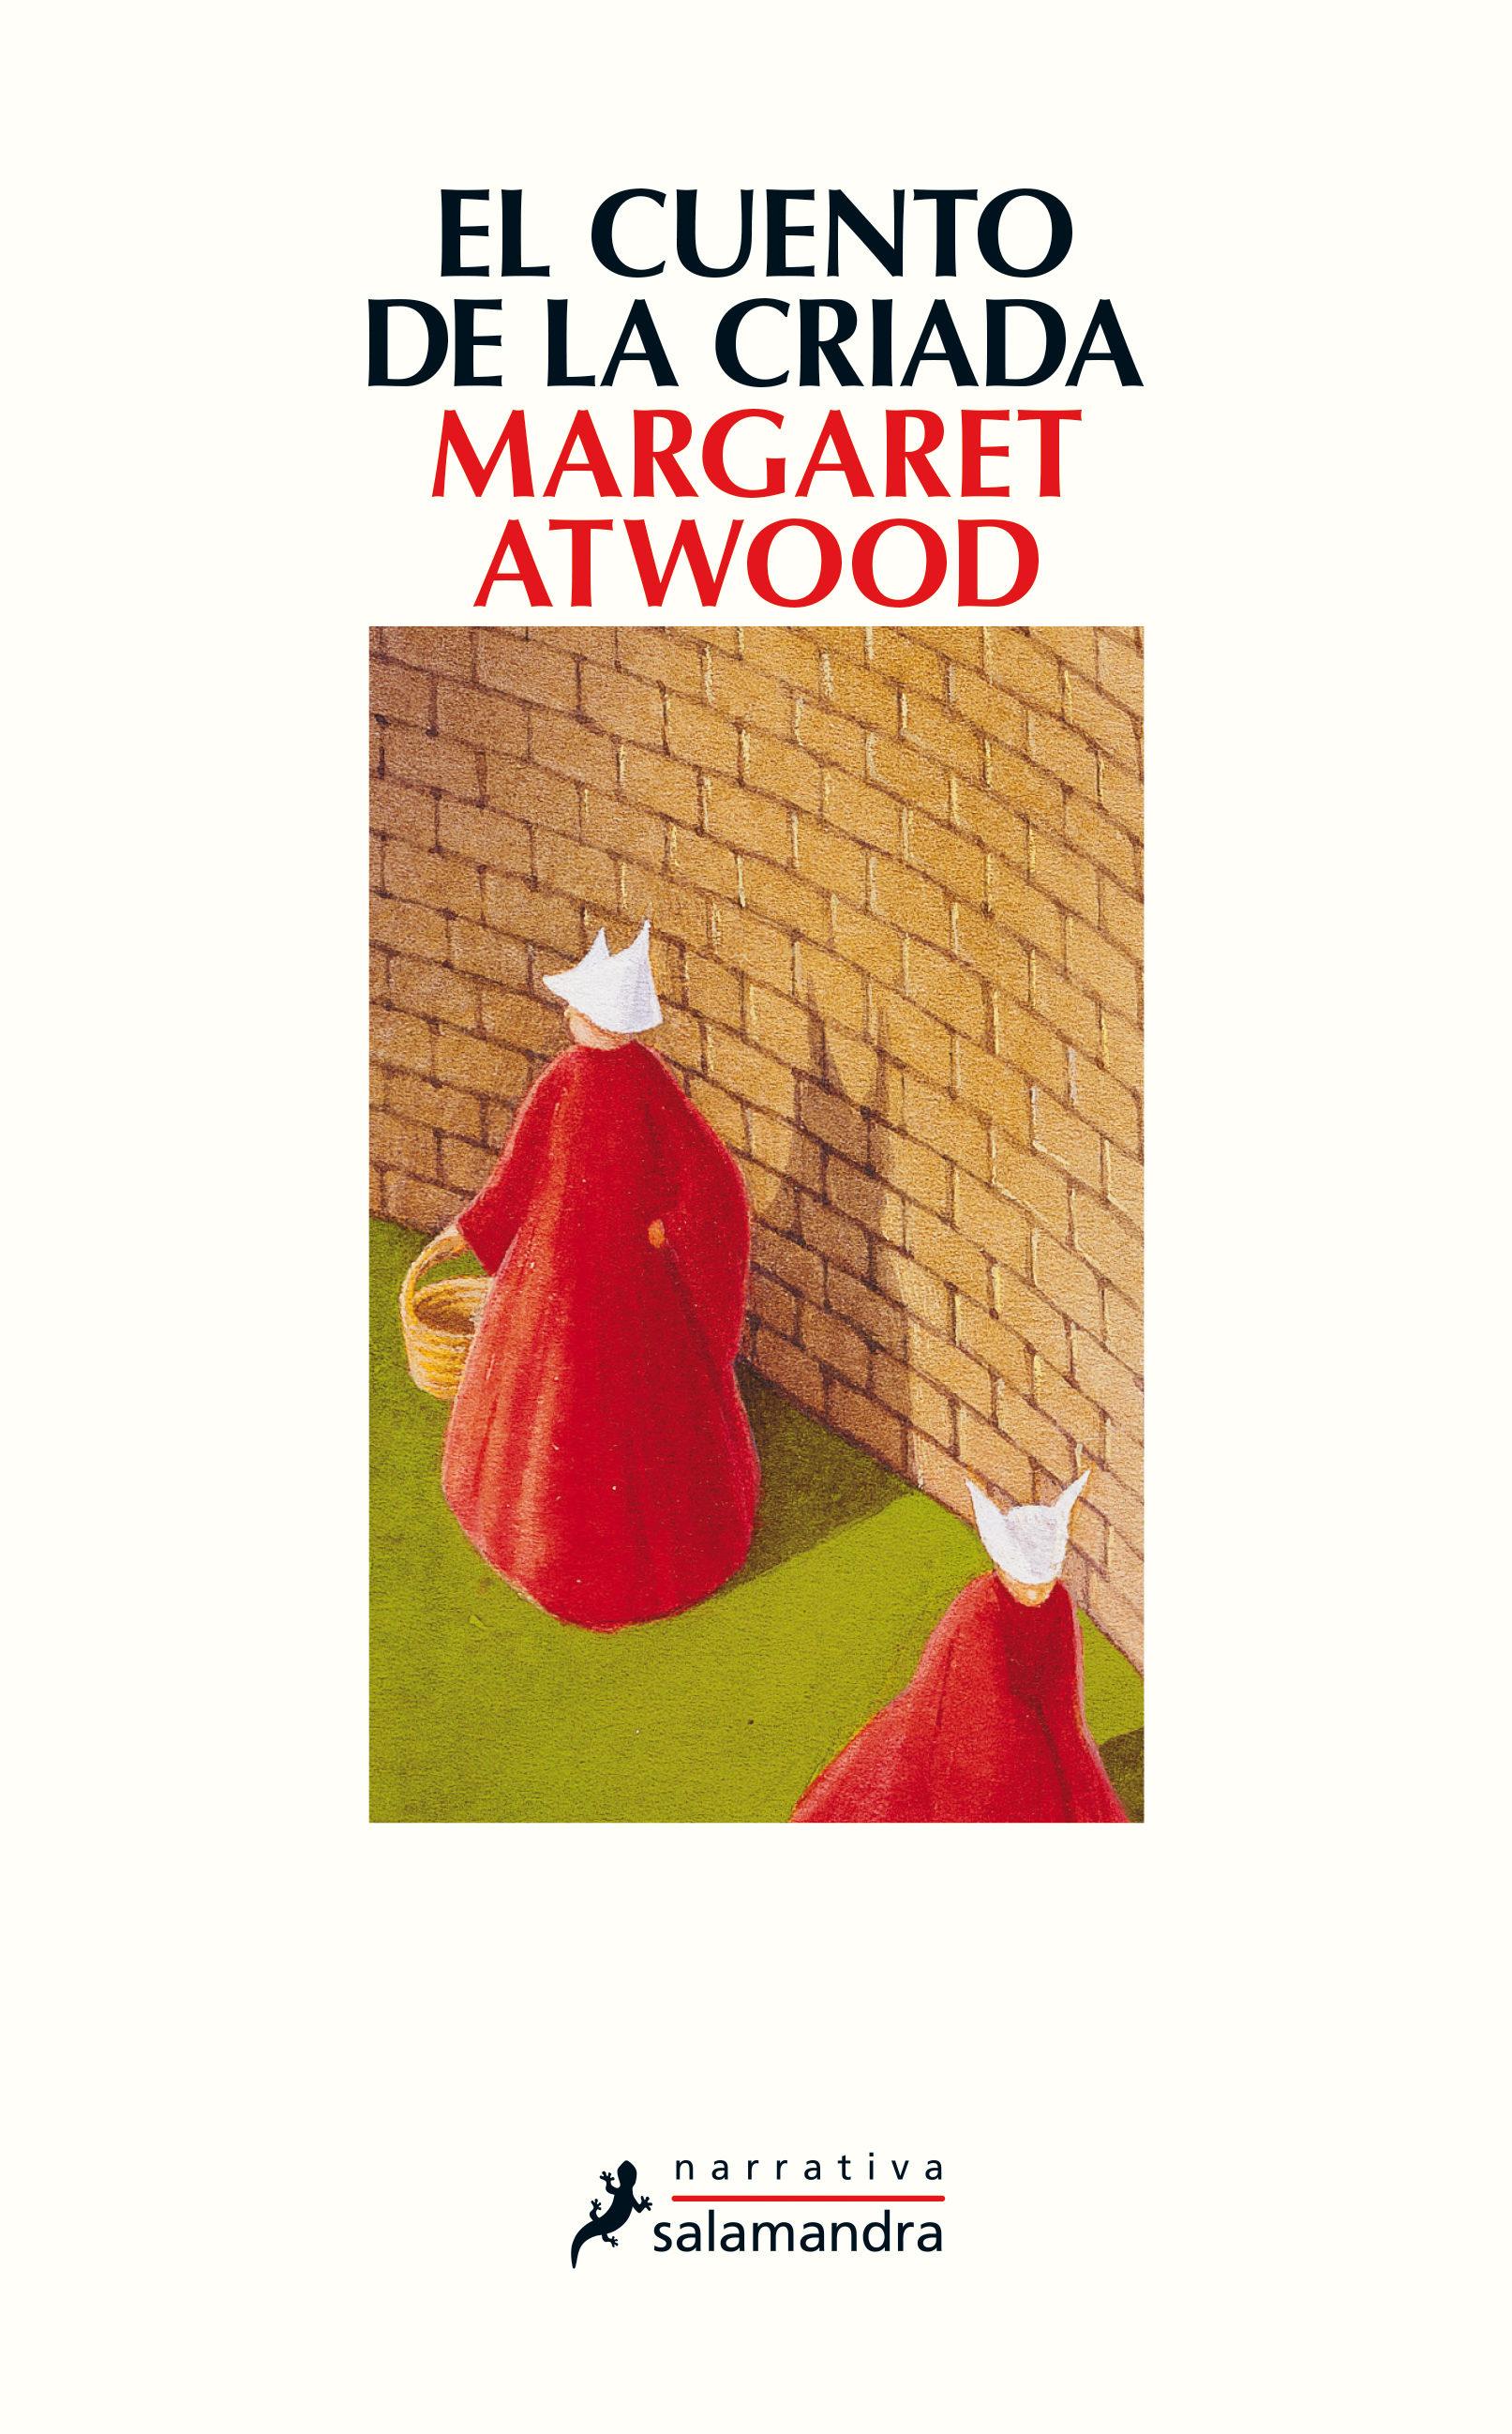 El Cuento de la Criada - Margaret Atwood - Salamandra